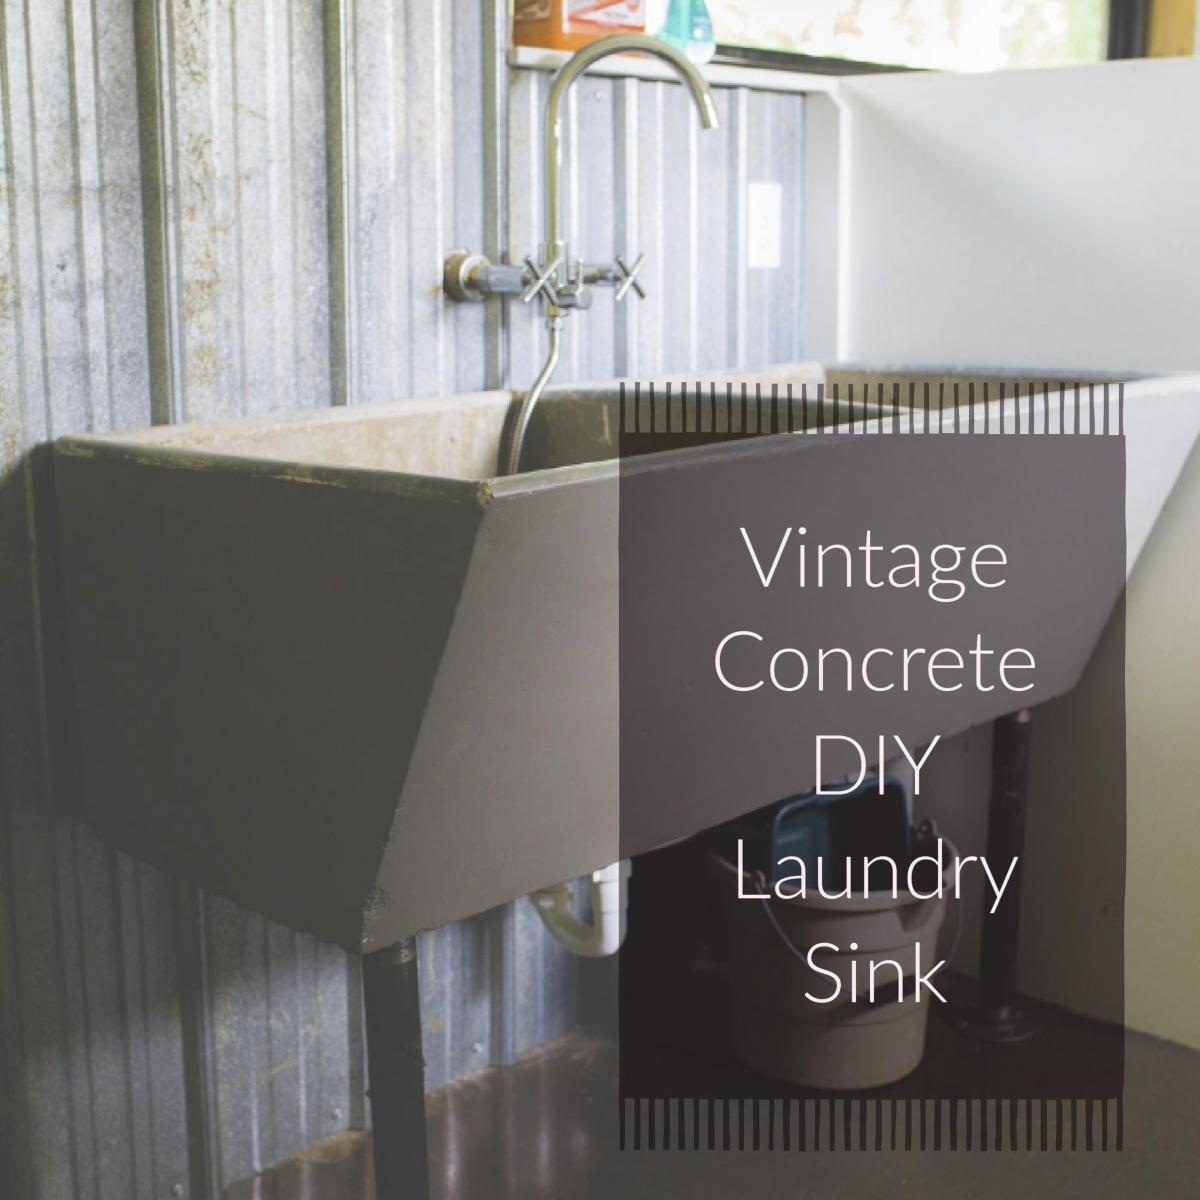 Diy Vintage Concrete Laundry Sink 187 Multzi